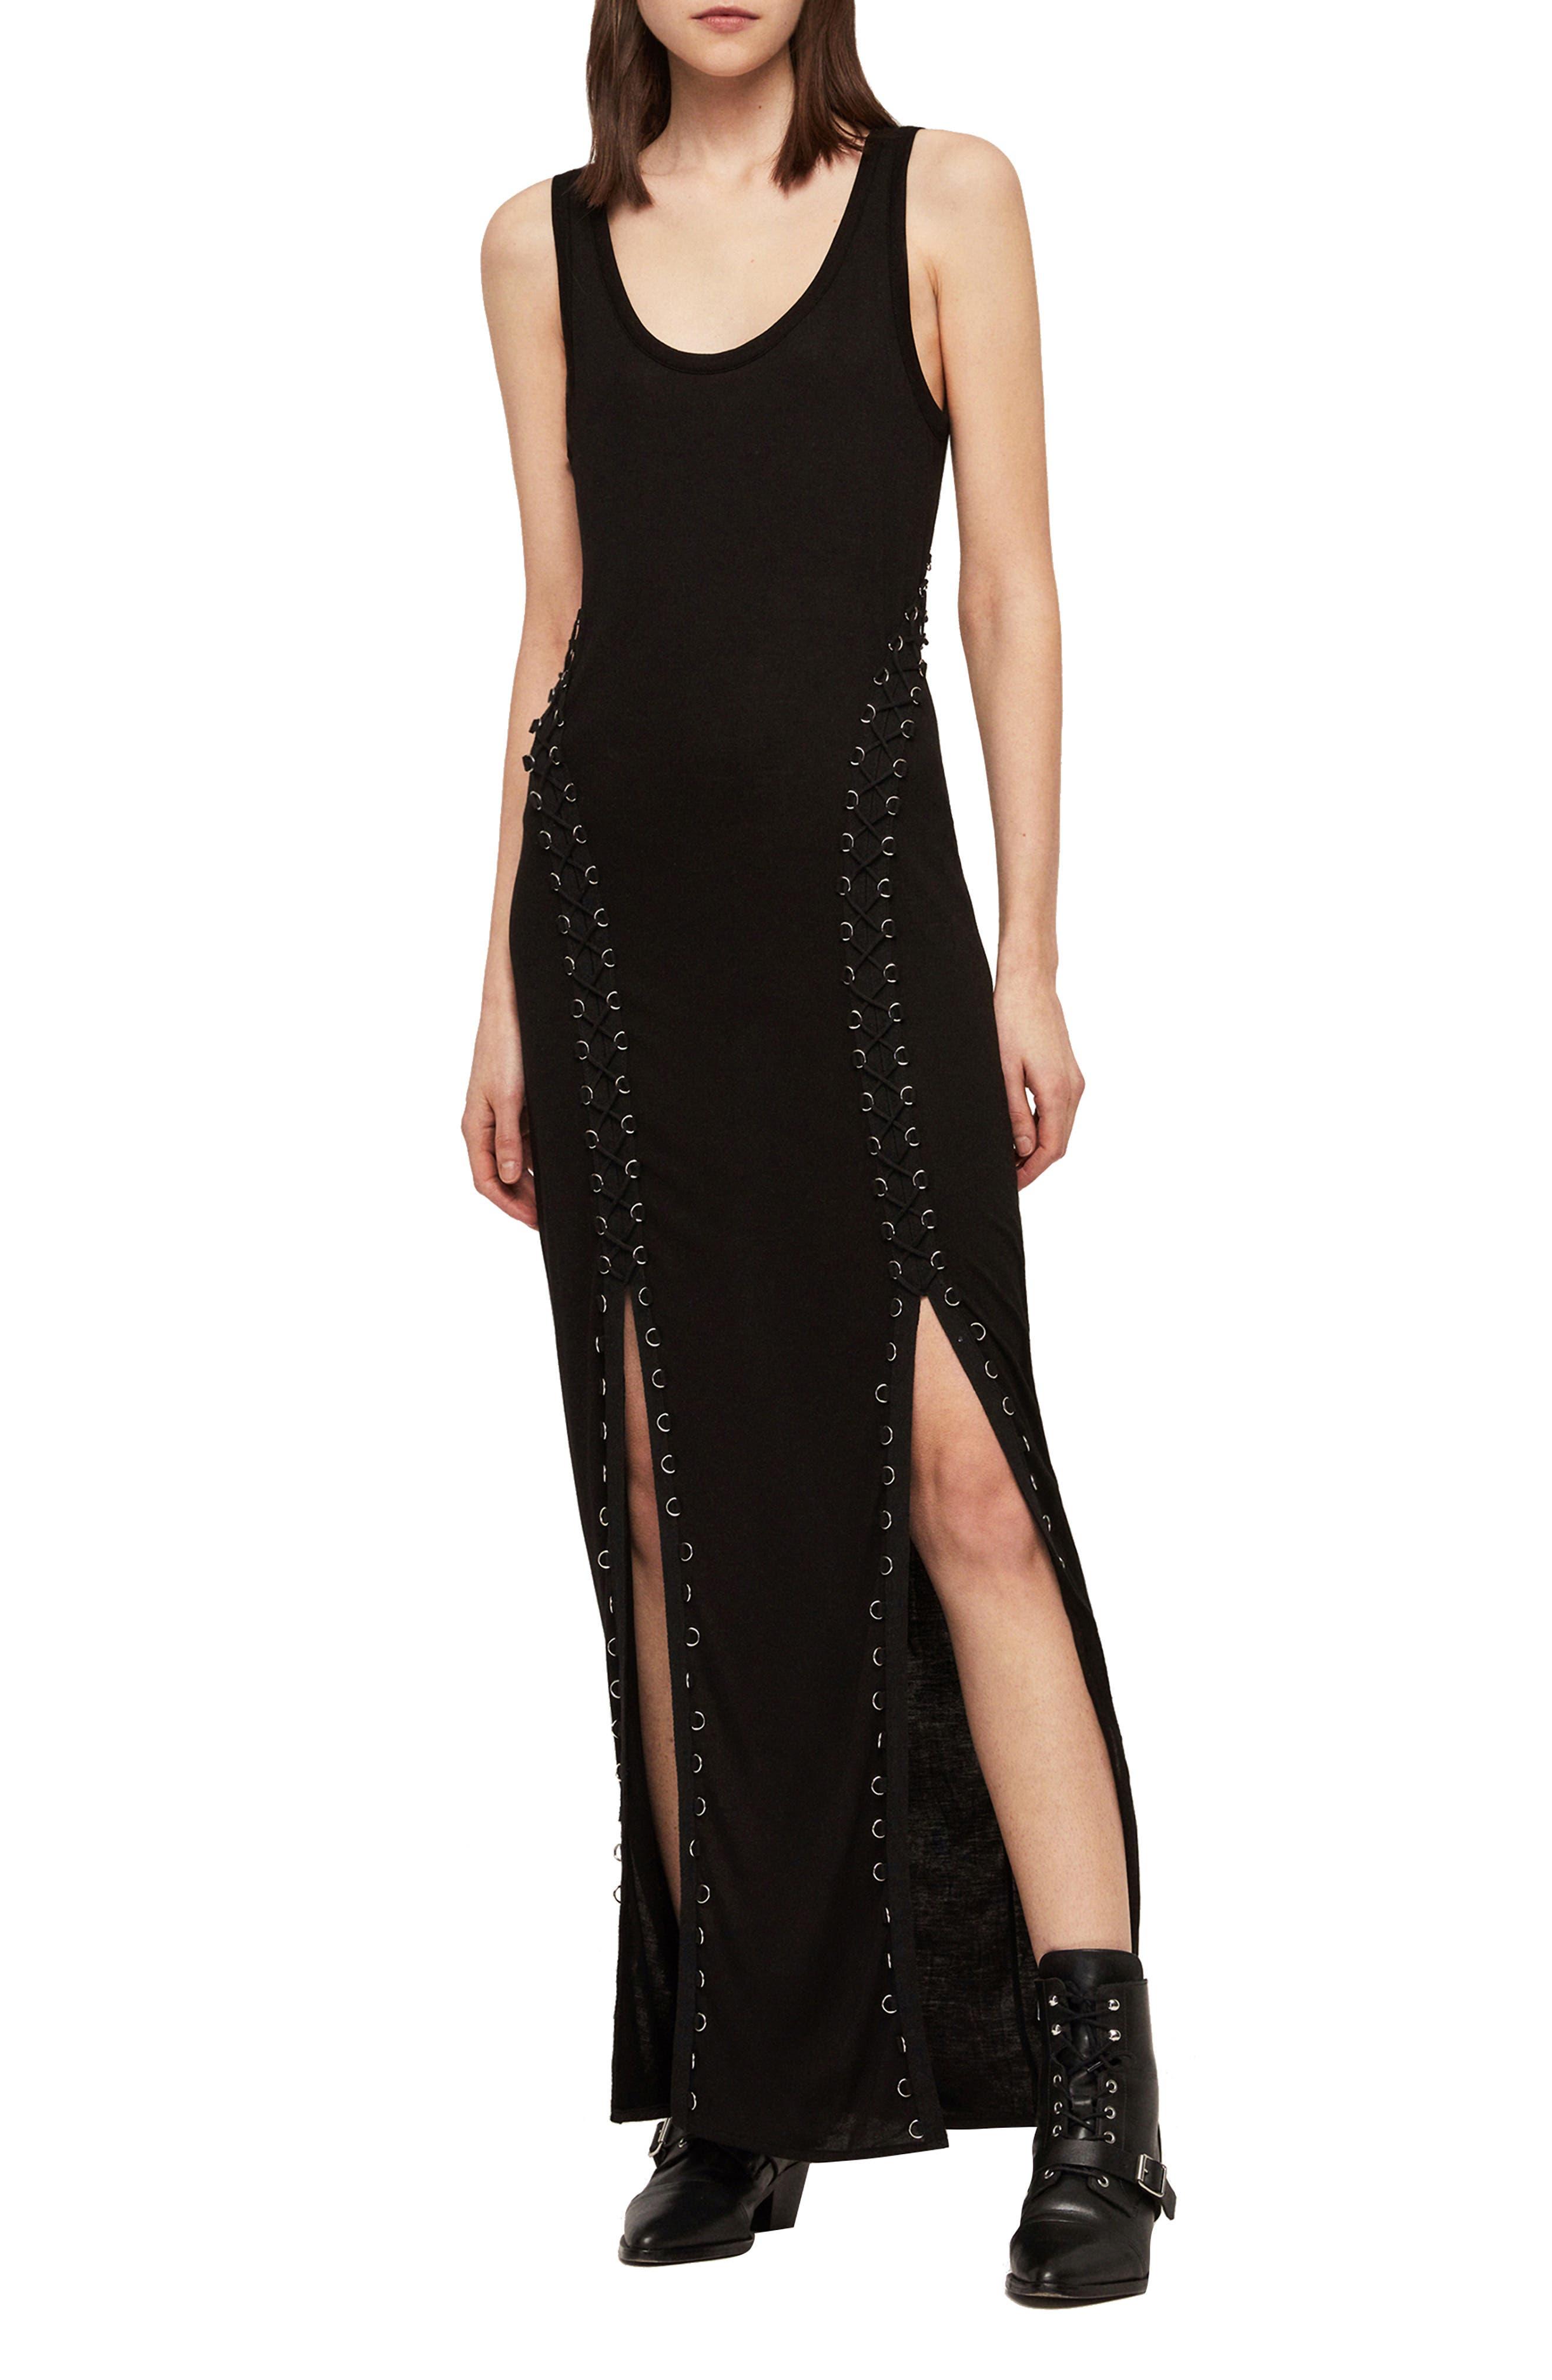 ALLSAINTS, Daner Lace-Up Side Maxi Dress, Main thumbnail 1, color, BLACK